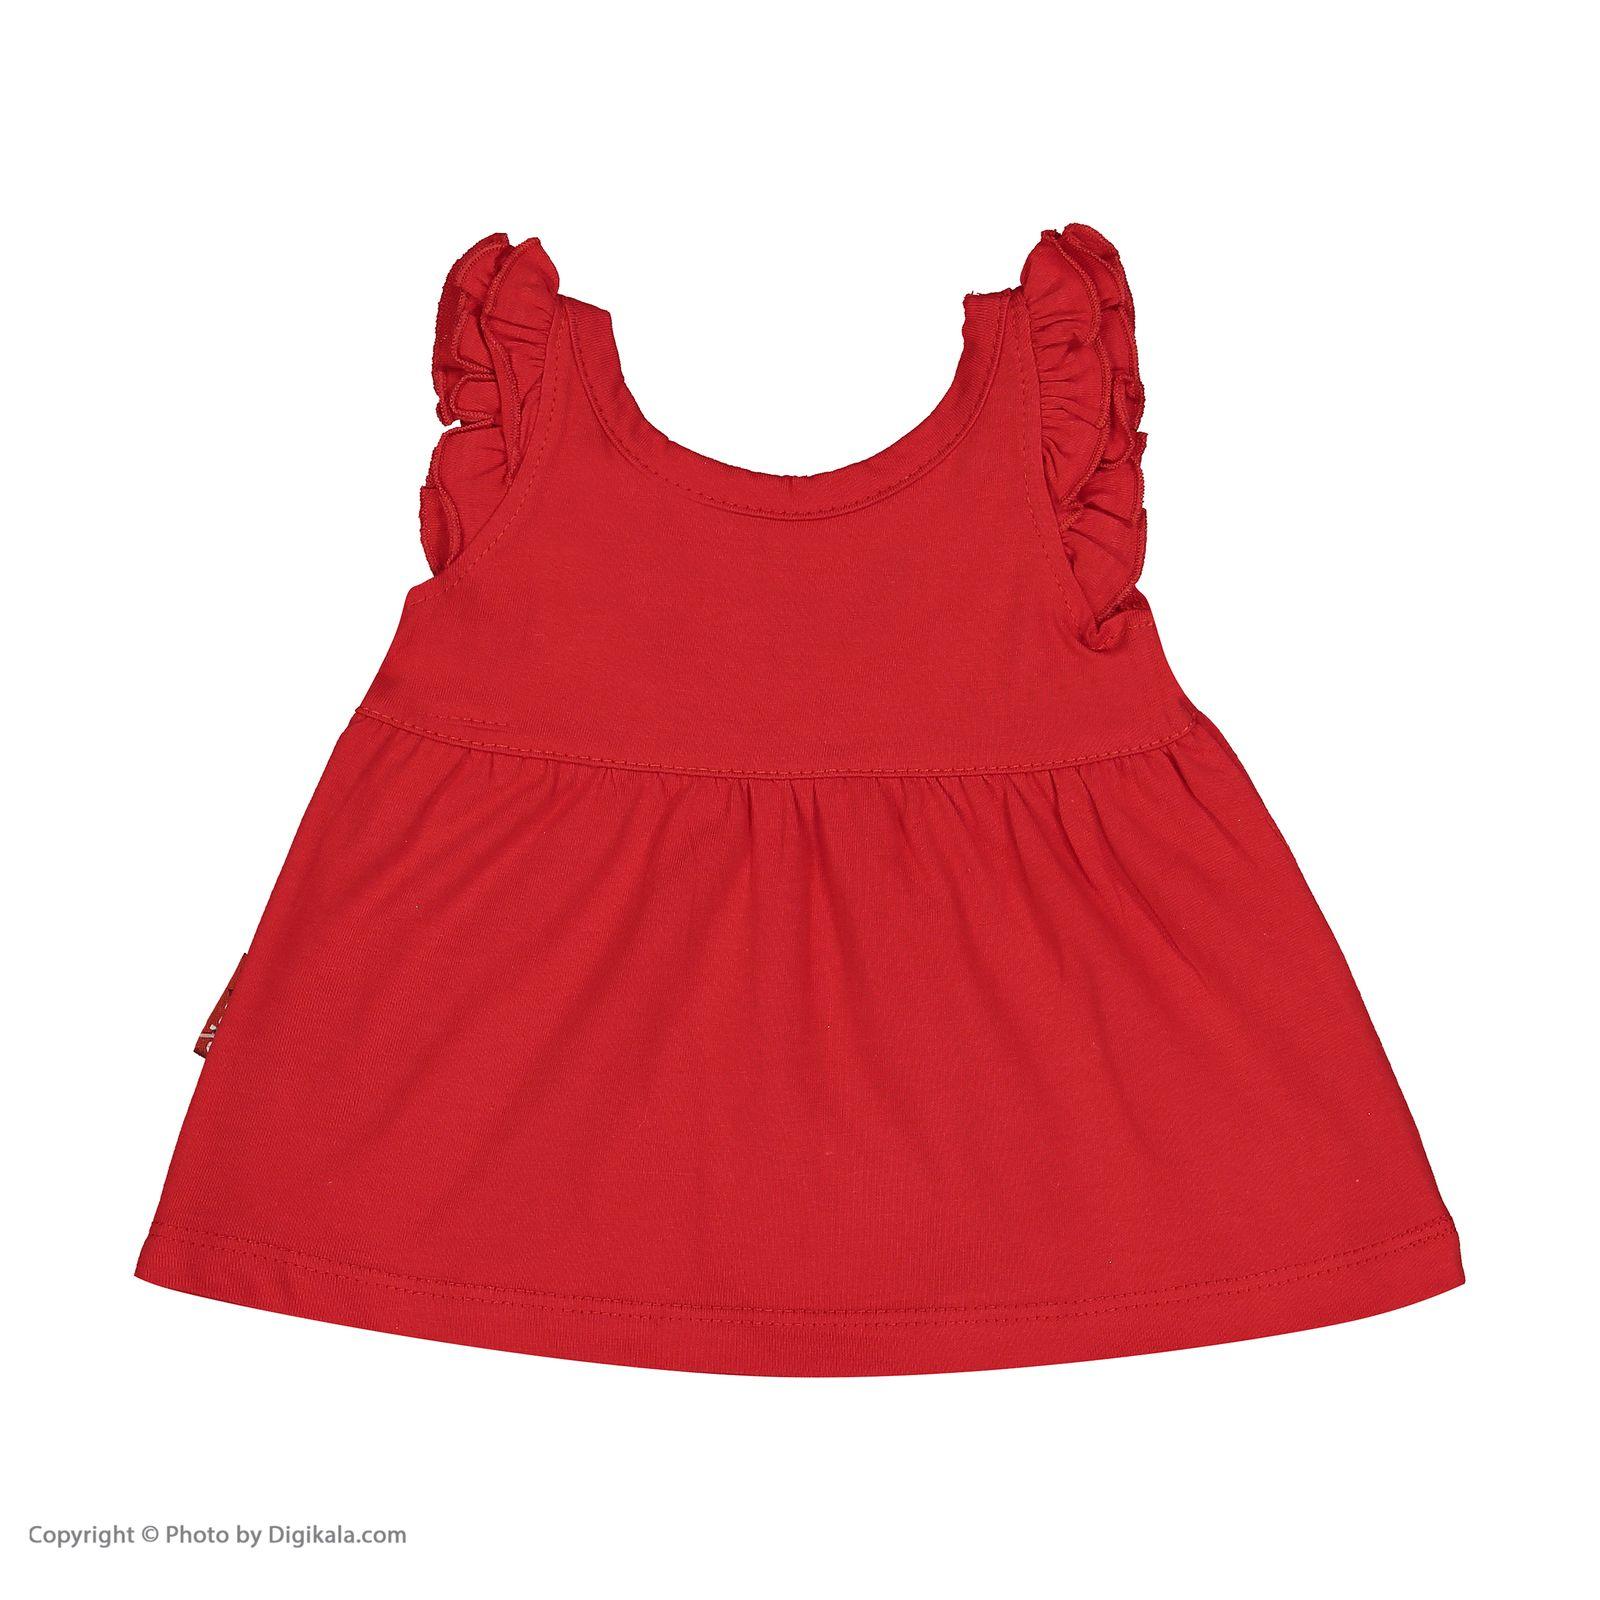 ست پیراهن و شورت نوزادی دخترانه مدل 2171111-72 -  - 6